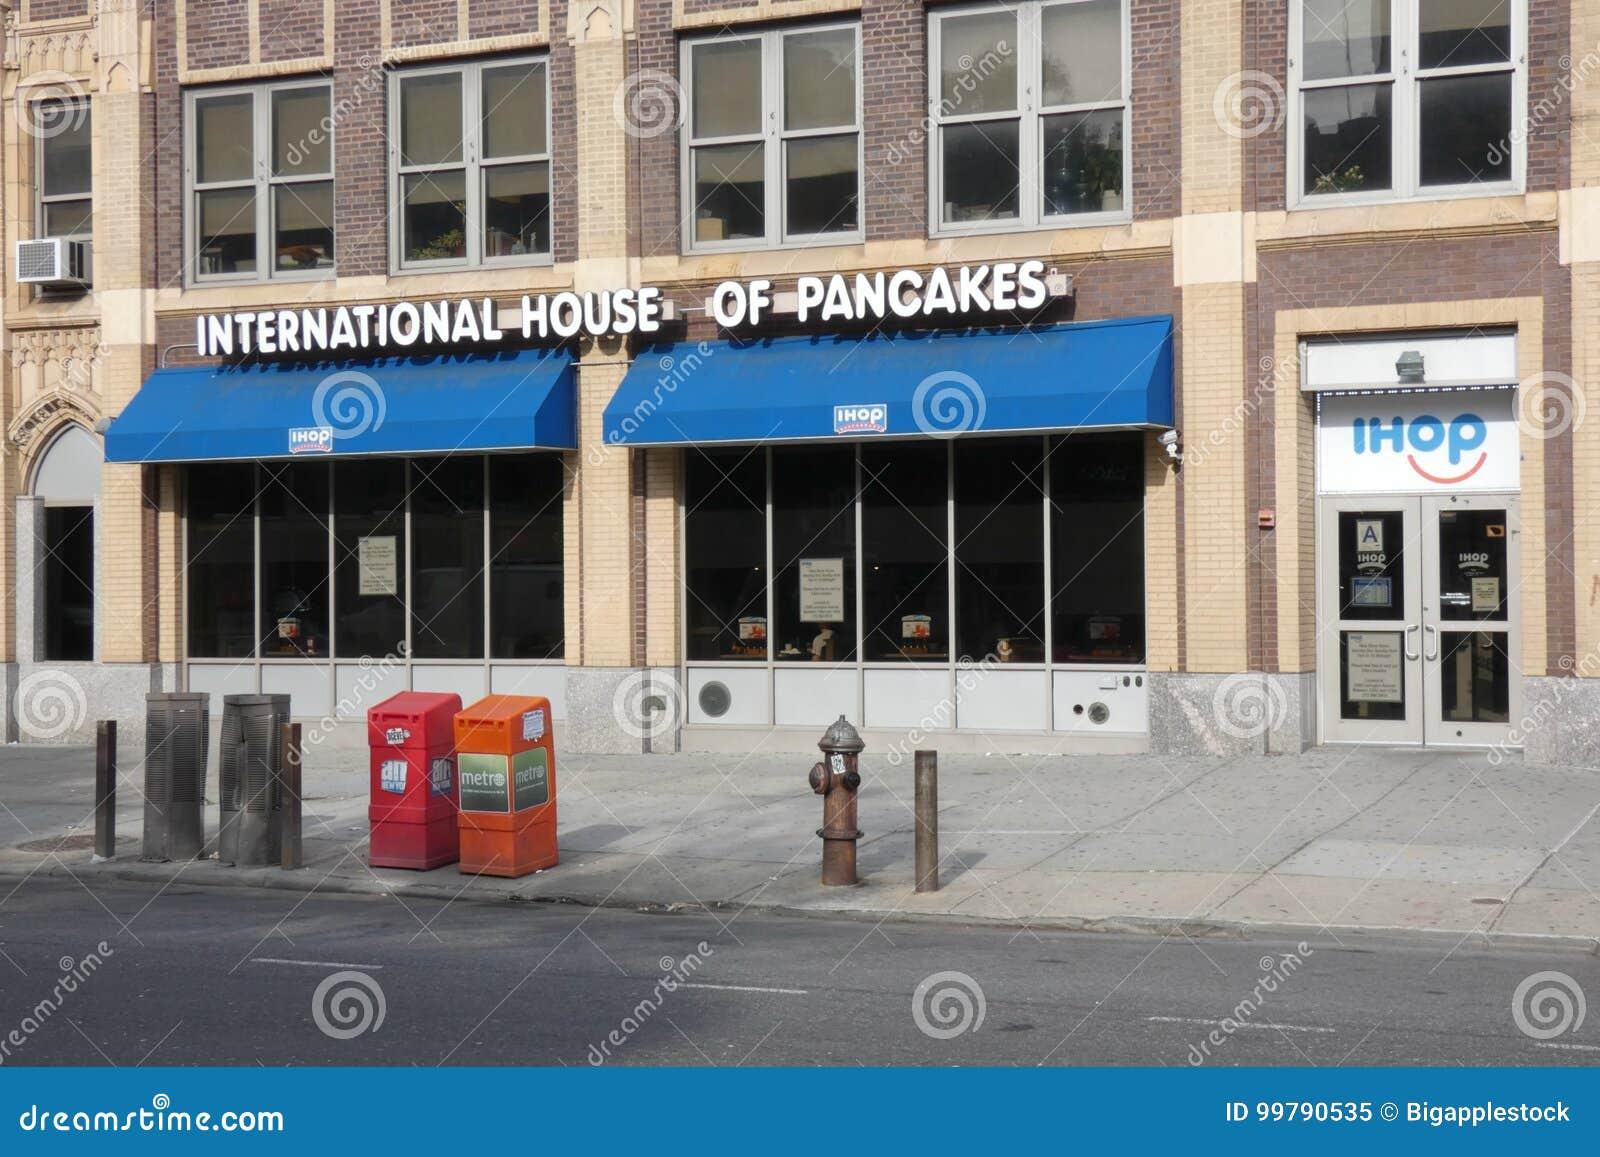 International House Of Pancakes Editorial Image - Image of pancake